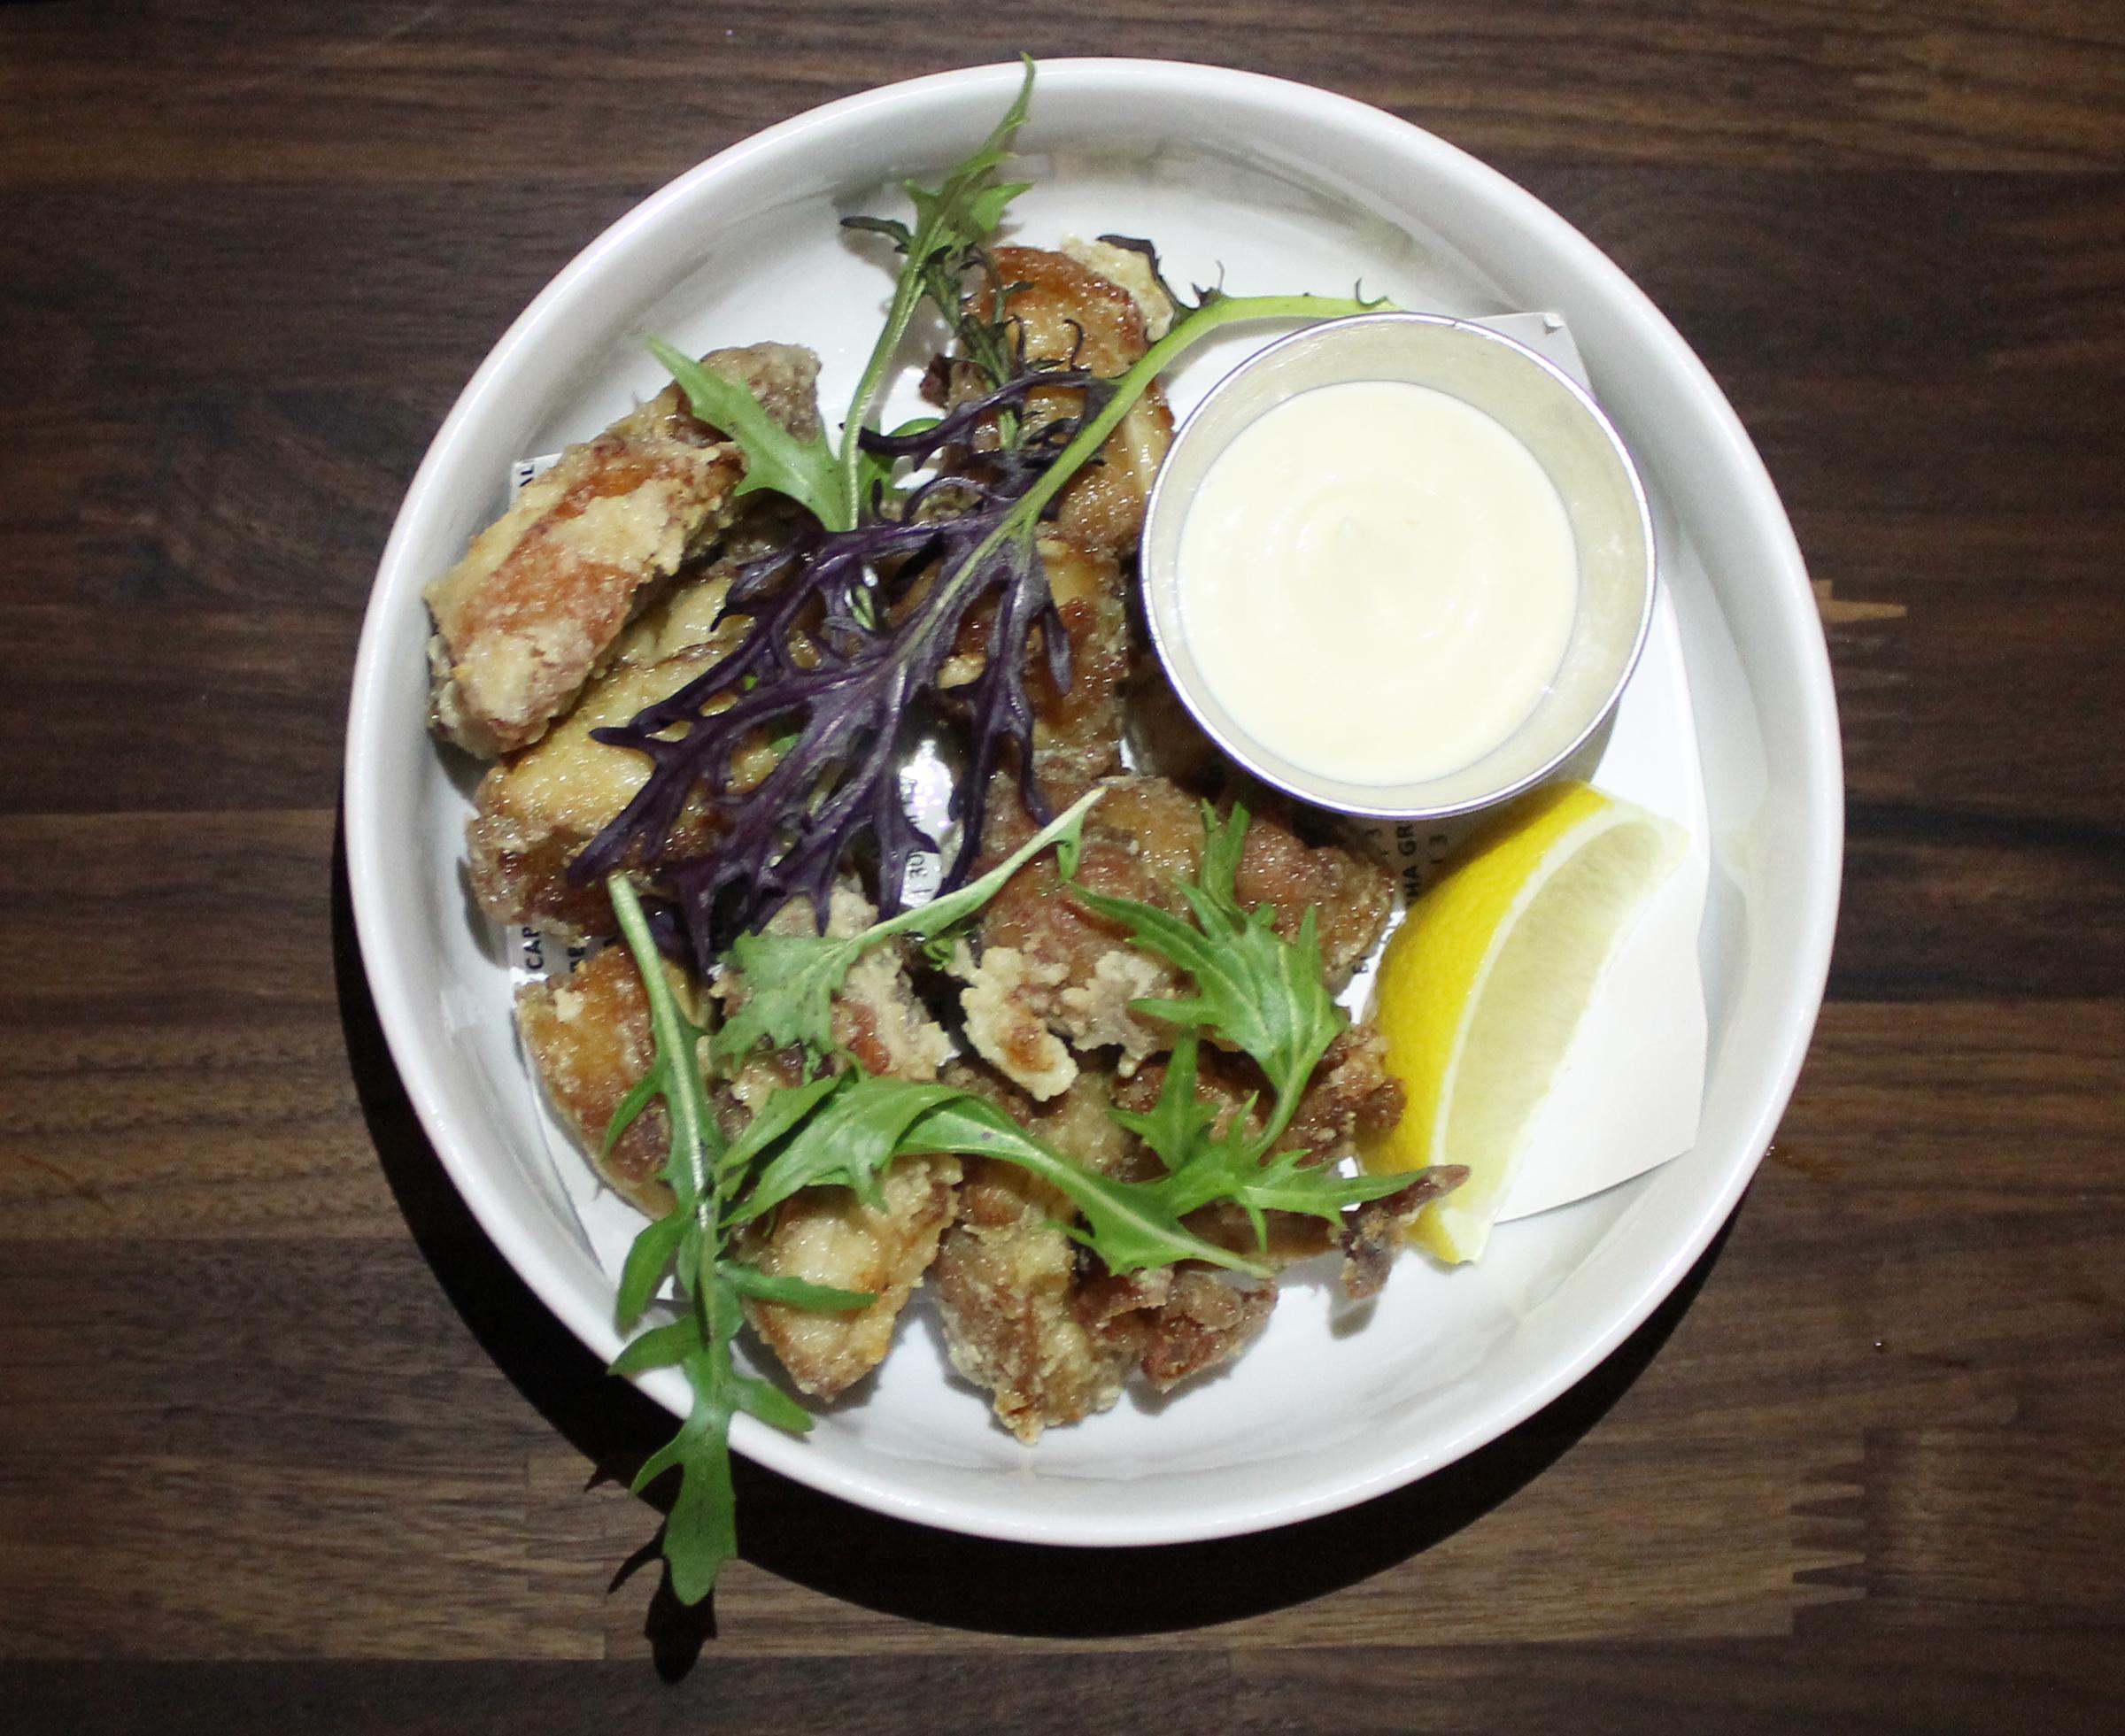 Chicken Karrage: Jidori Chicken Thighs, Yuzu Mayo, Mizuna